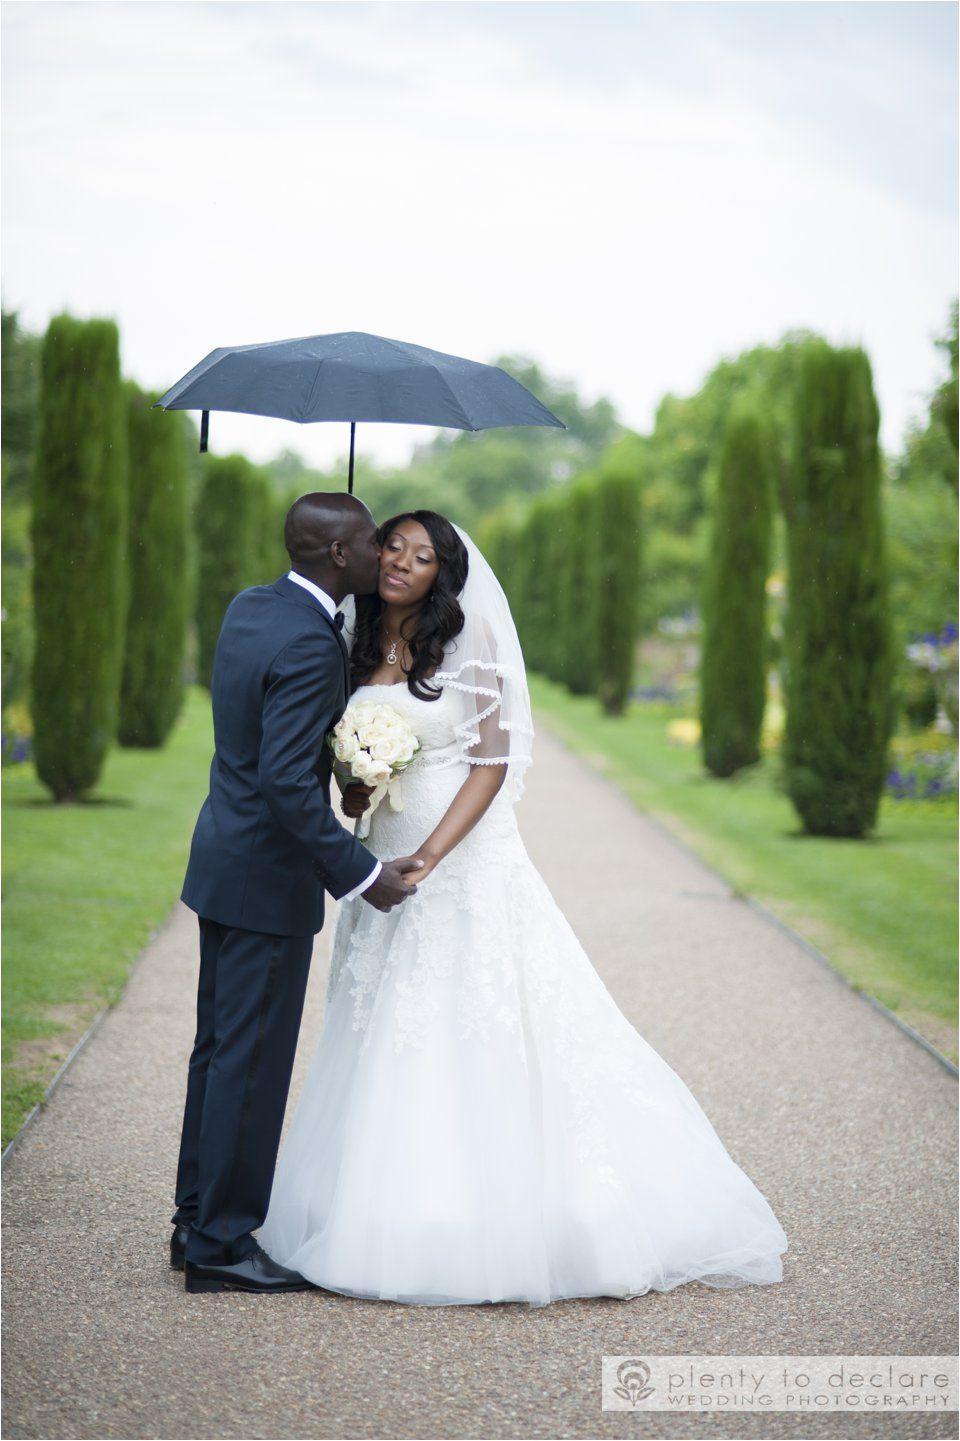 London Ghana wedding plentytodeclare photography   Wedding ...